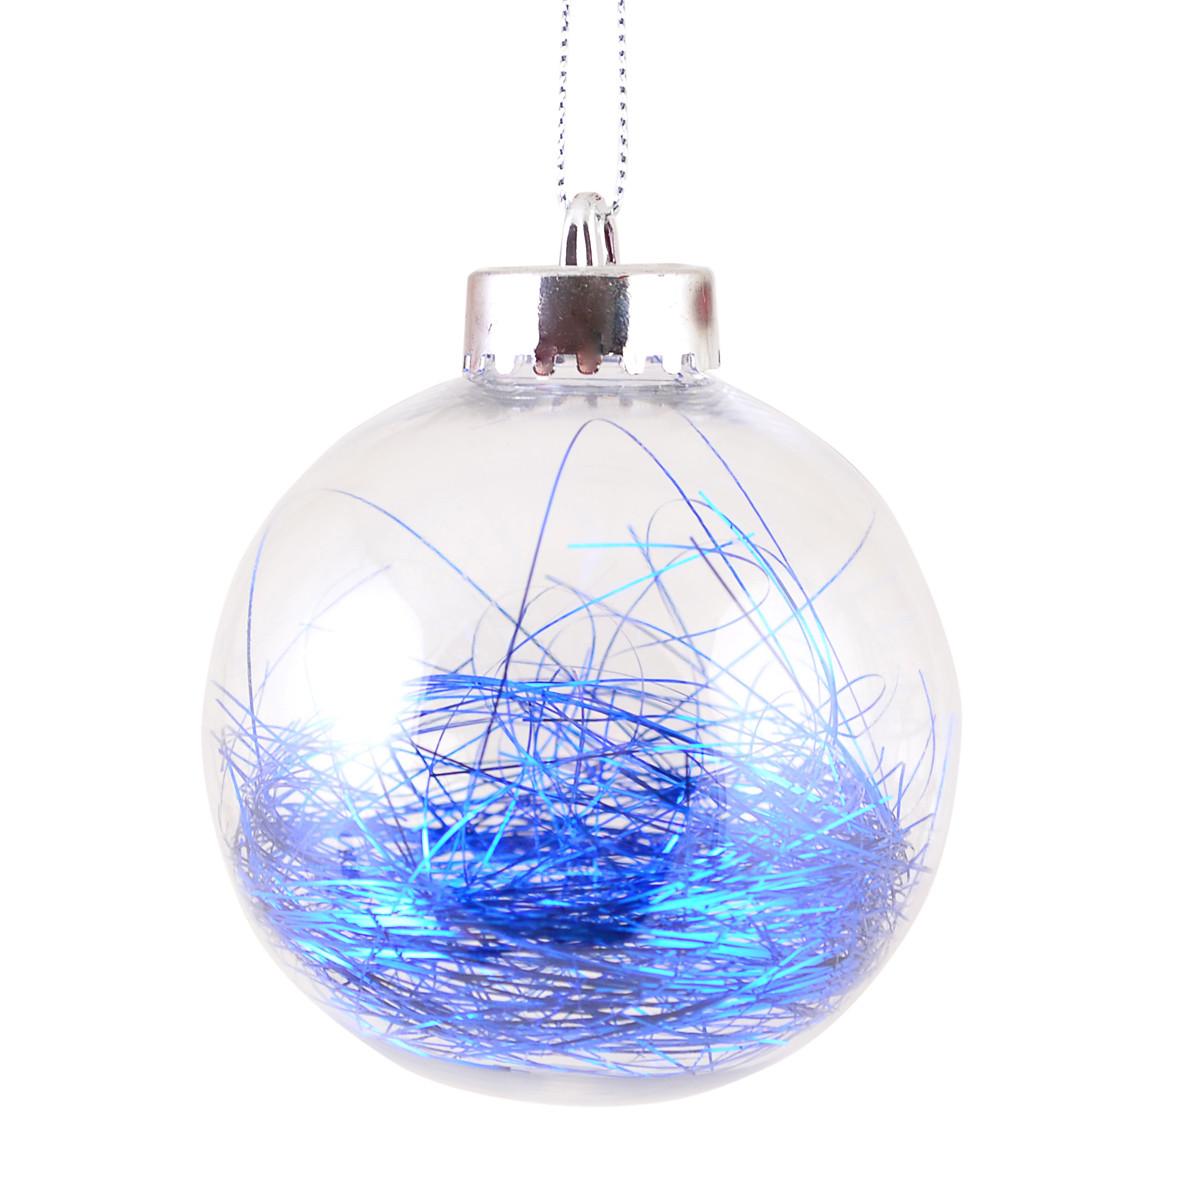 Шар новогодний елочный пластиковый с наполнением из синего дождика d-8 см